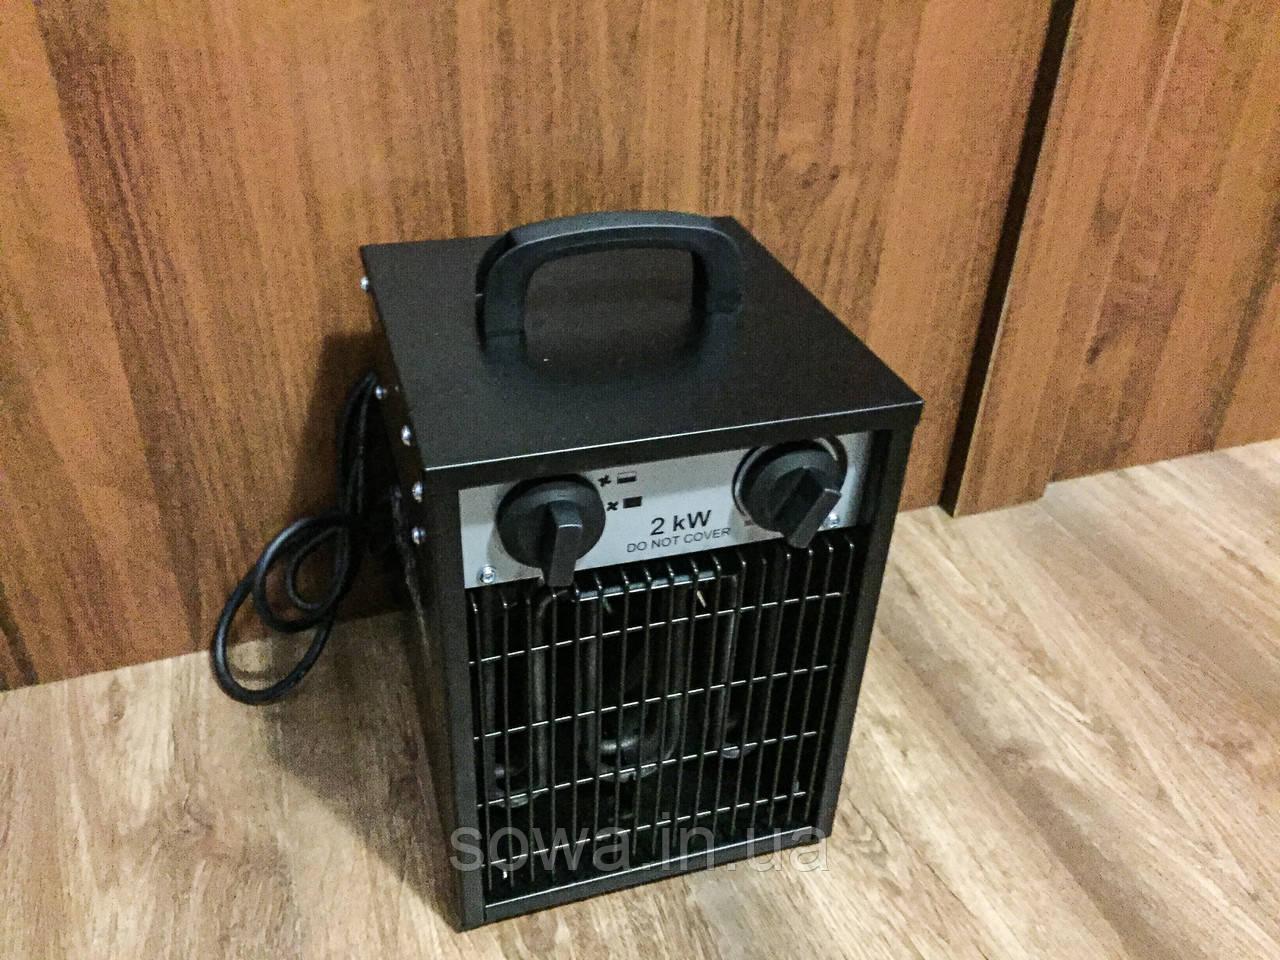 ✔️ Электрический обогреватель BLACK STORM RM80400 - 2 KW | Електричний обігрівач